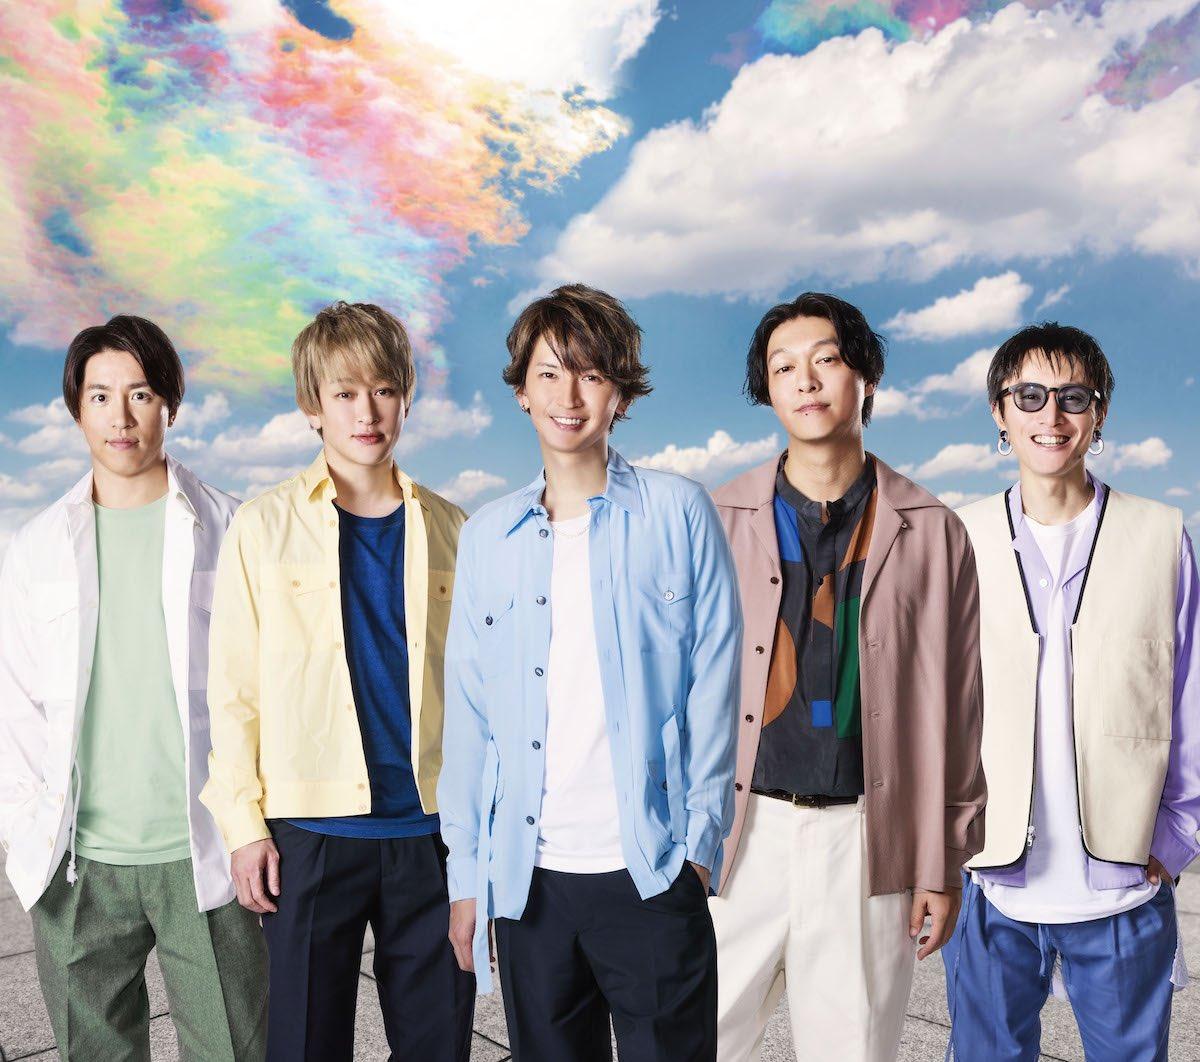 🎍  関ジャニ∞の新しいアーティスト写真が公開となりました